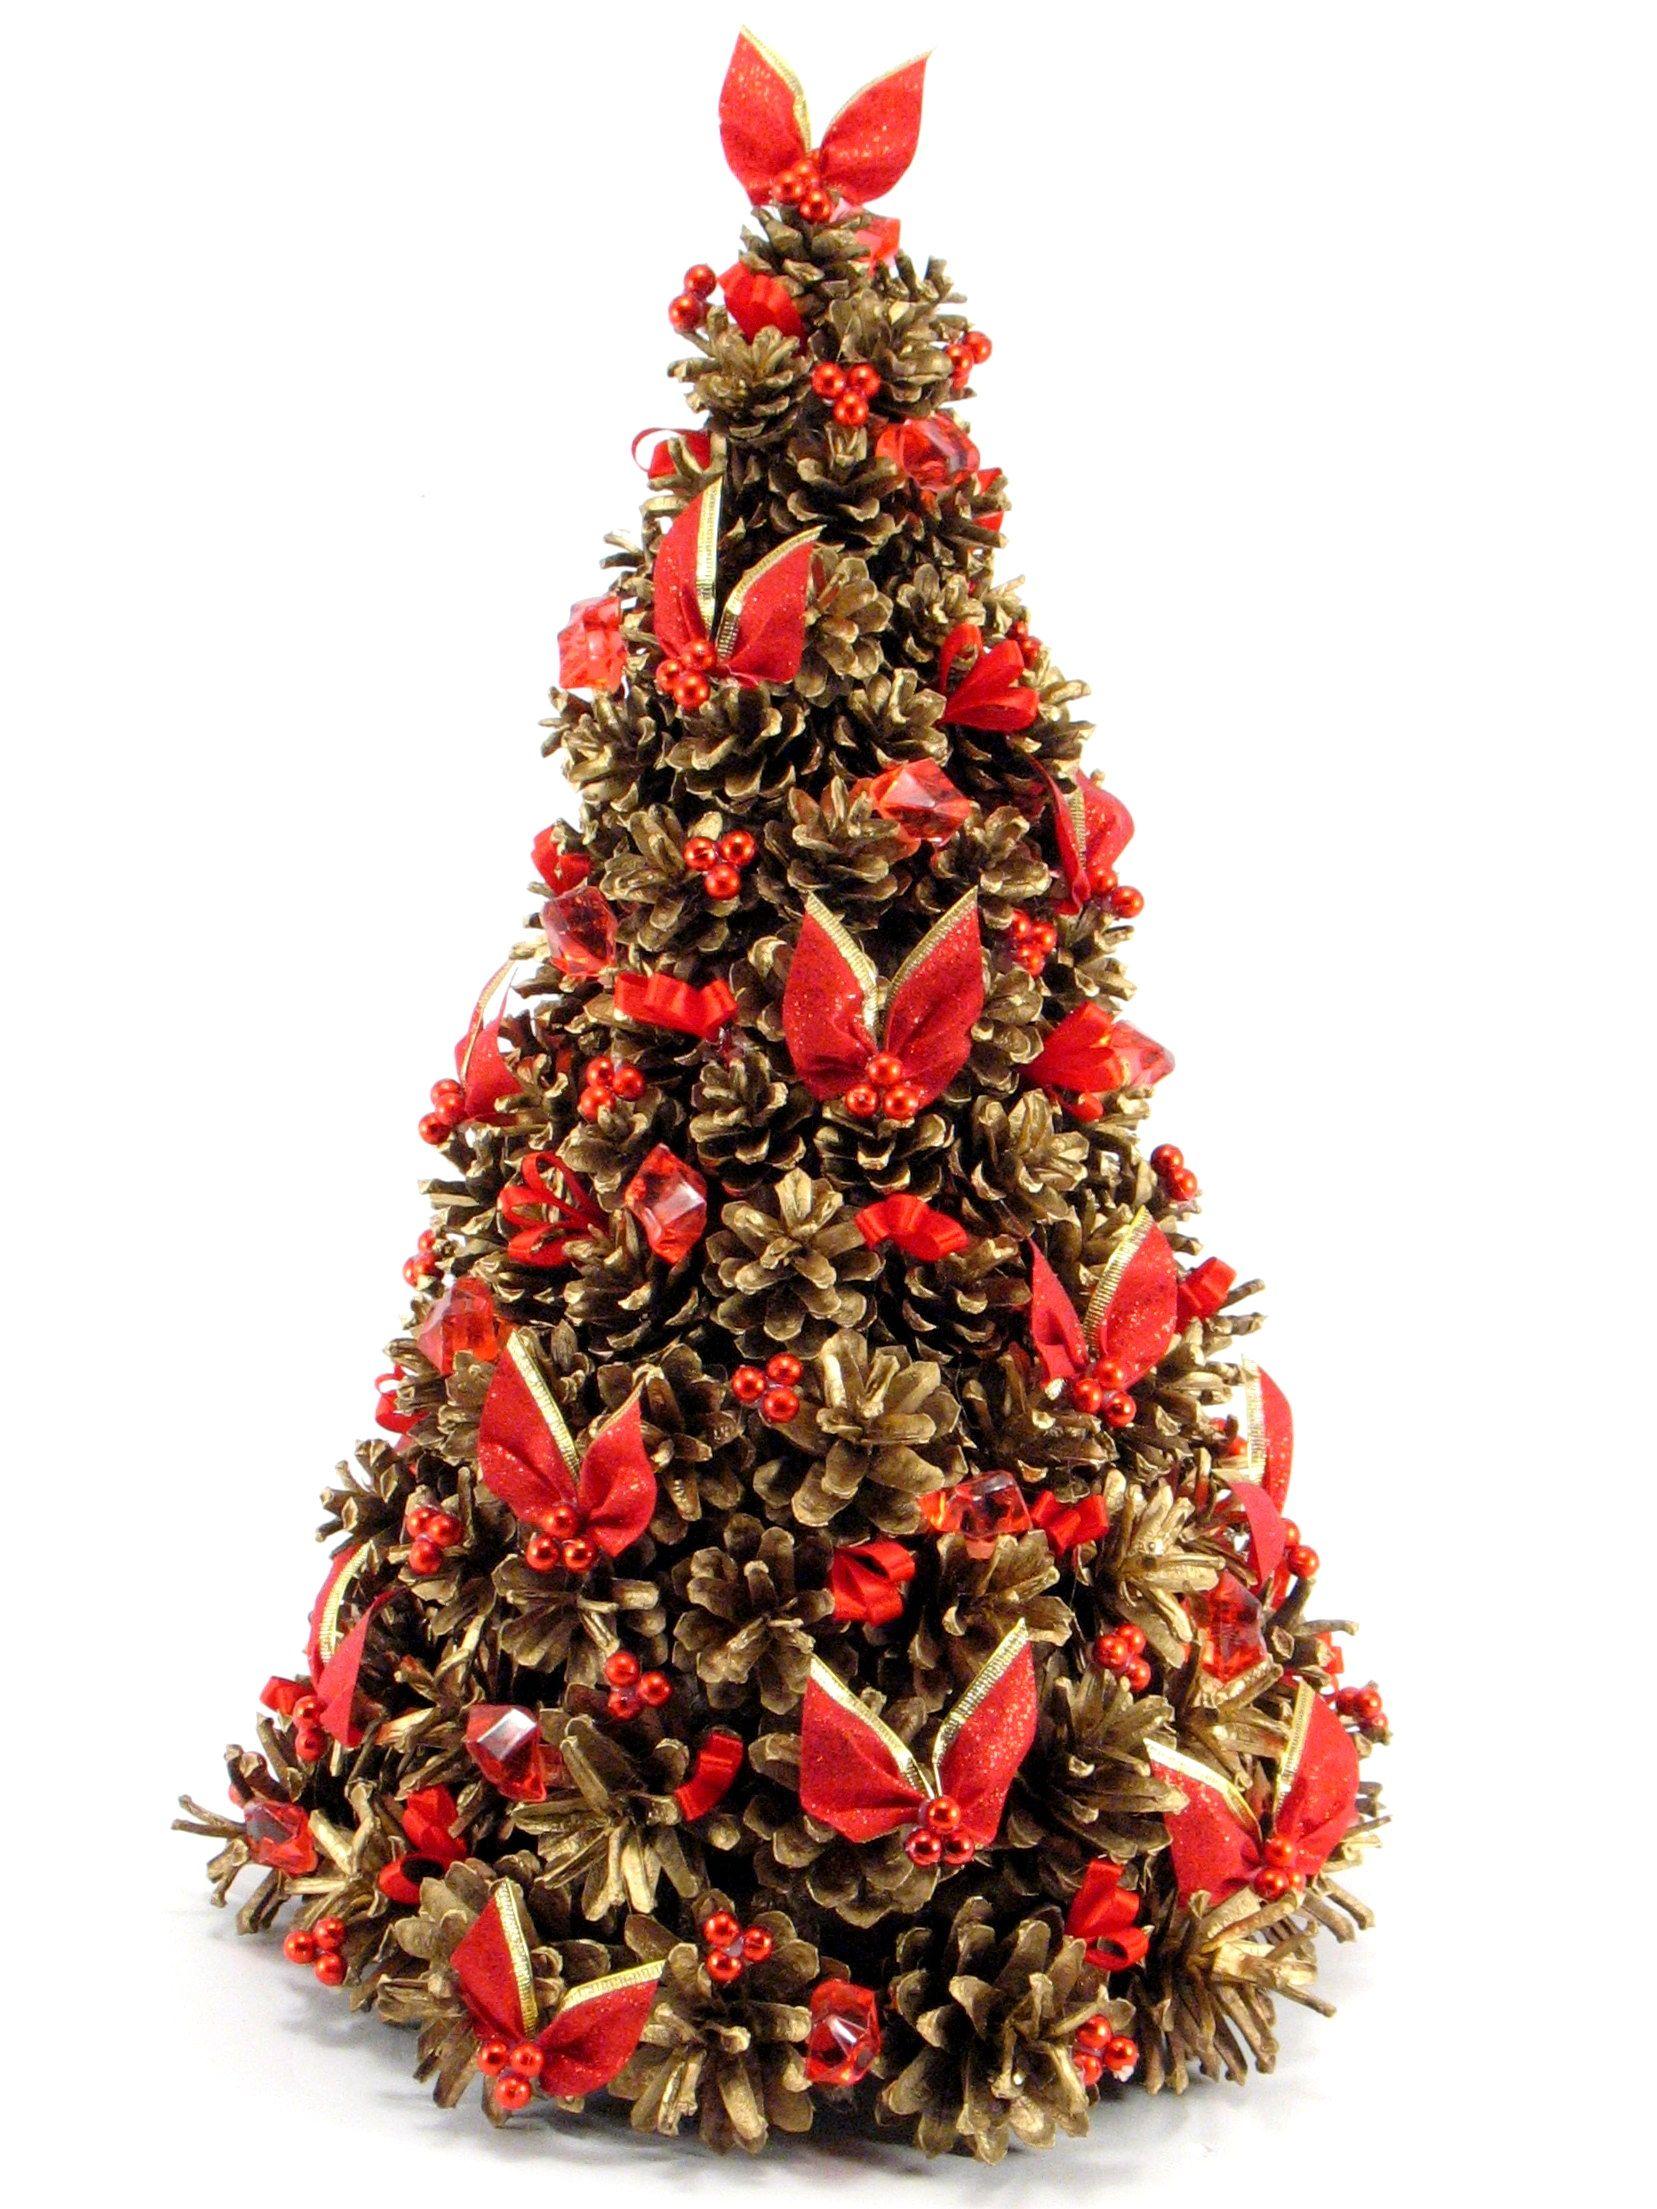 Choinka Z Czerwonymi Kokardkami Z Szyszek Zlocona Udekorowana Christmas Tree Crafts Christmas Tree With Gifts Christmas Crafts Diy